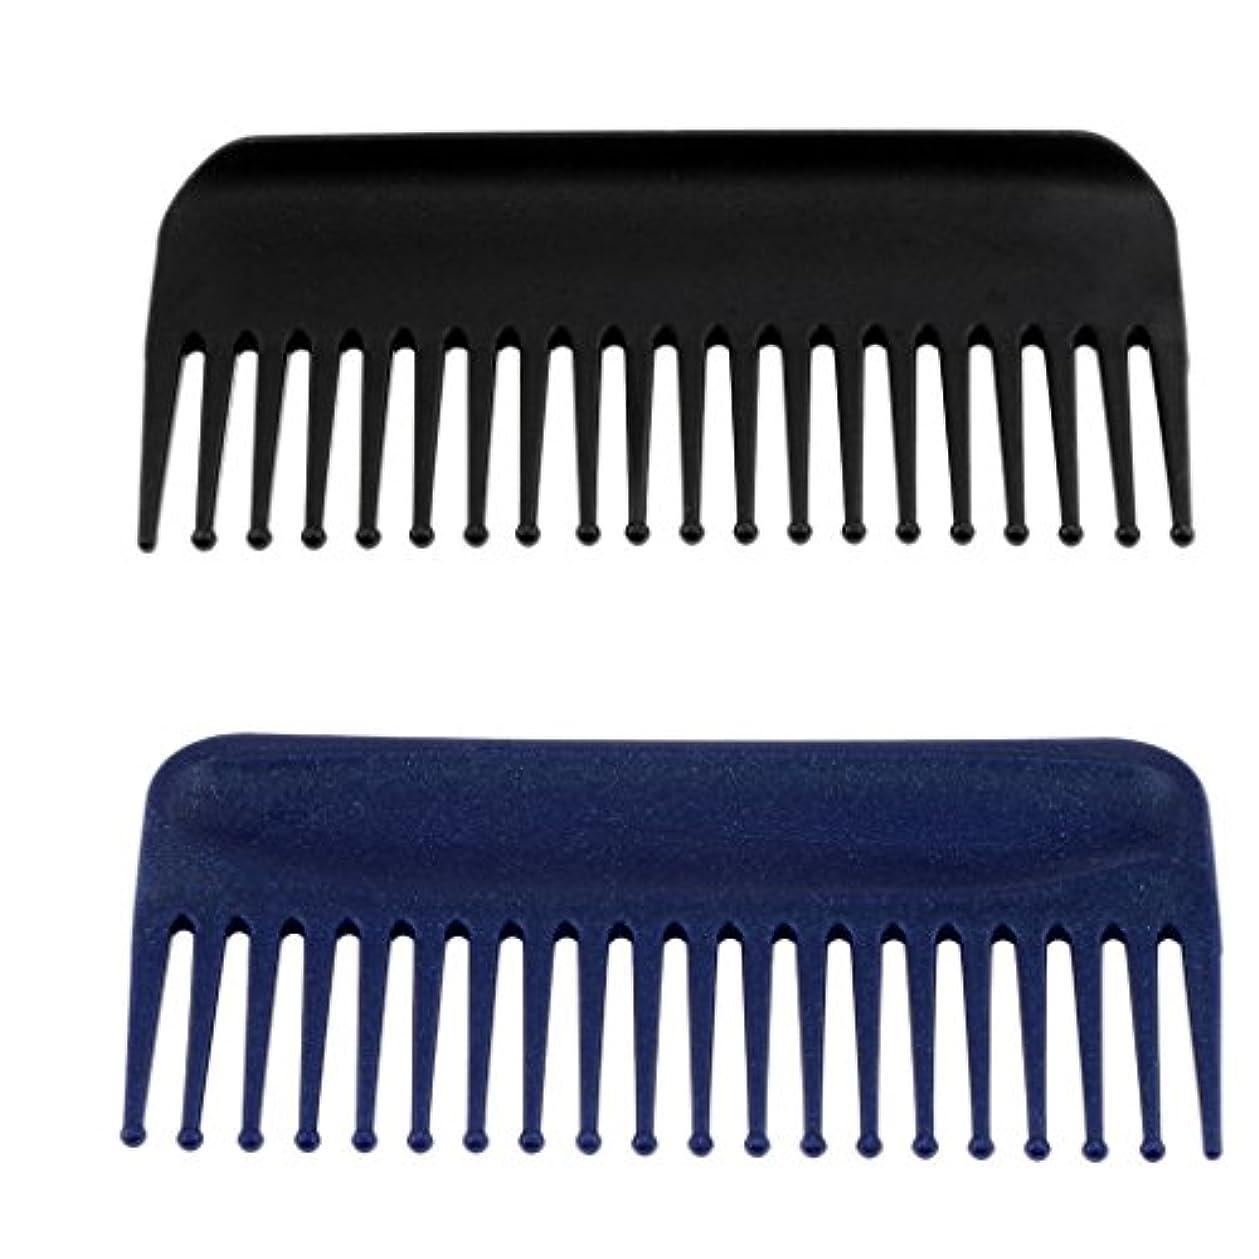 発行する珍しいどうやってヘアコーム 櫛 くし コーム 頭皮マッサージ 静電気防止 頭皮 マッサージ 2個